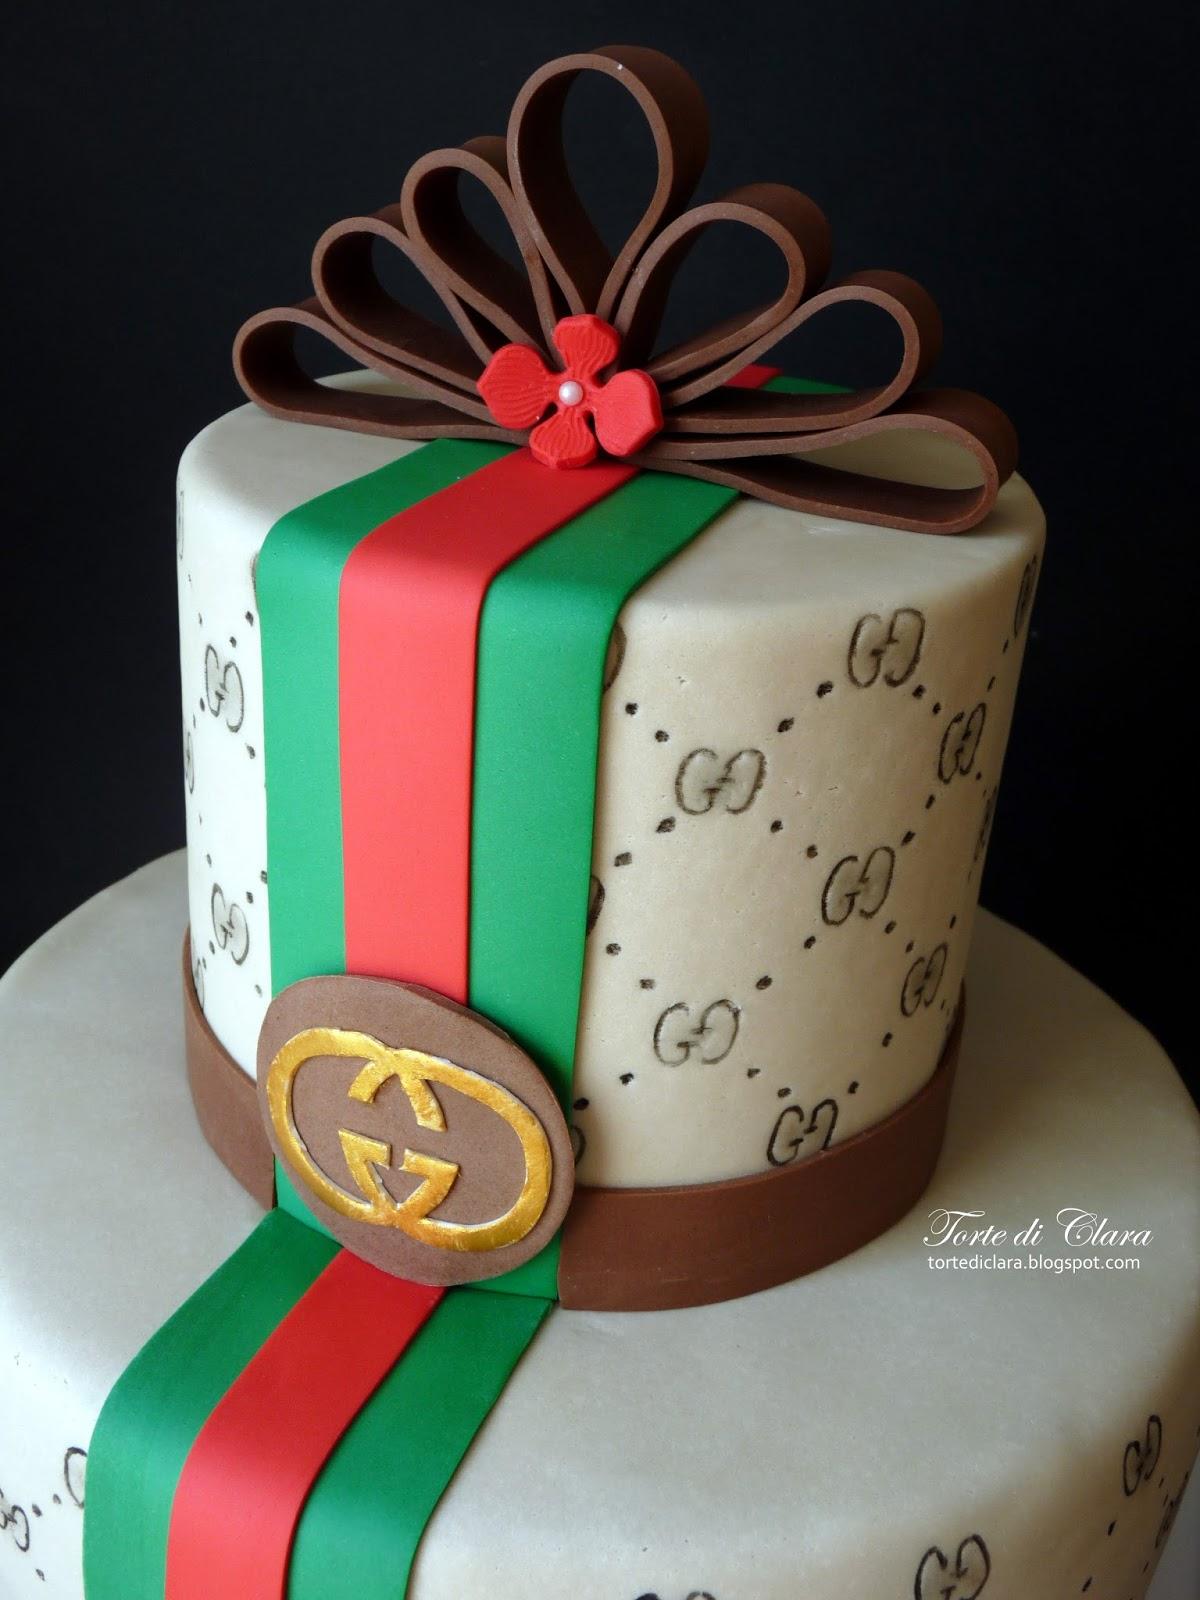 Torte Di Clara Gucci Cake 2